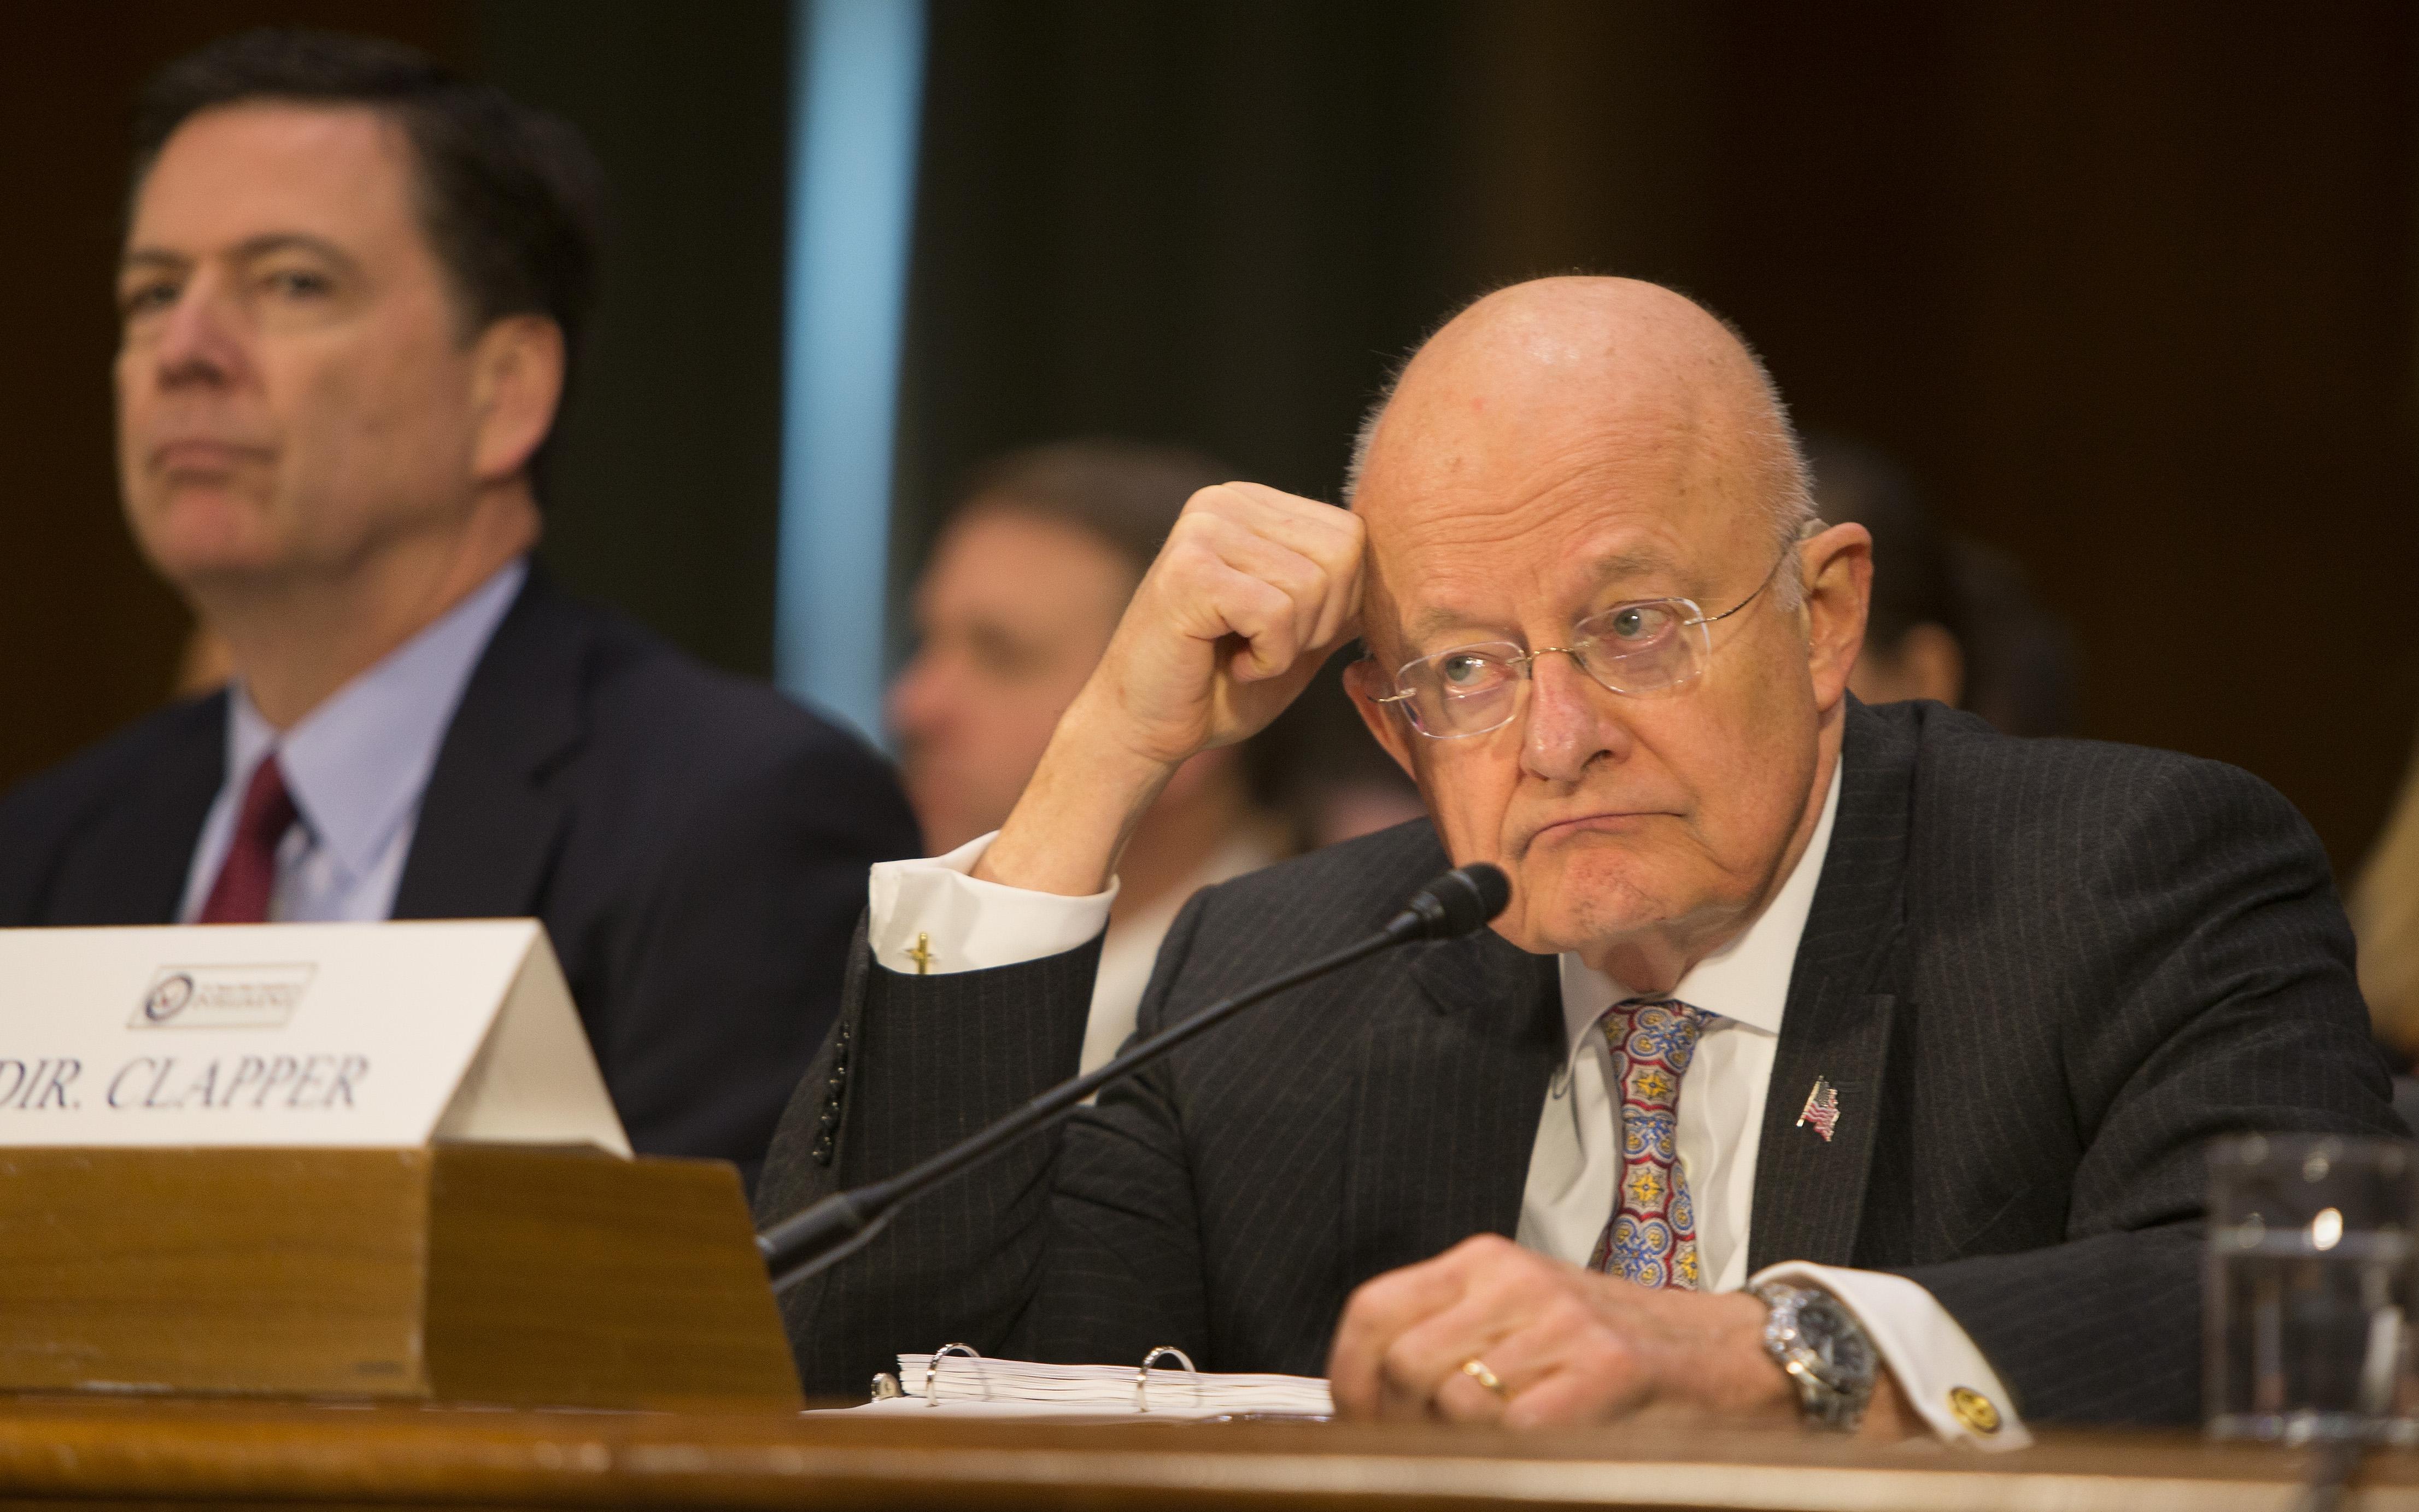 James Clapper, director de Inteligencia Nacional, comparece ante el Comité de Servicios Armados del Senado en lo relativo a las actividades rusas para influir en las elecciones estadounidenses. (Crédito: TASOS KATOPODIS/AFP/Getty Images)